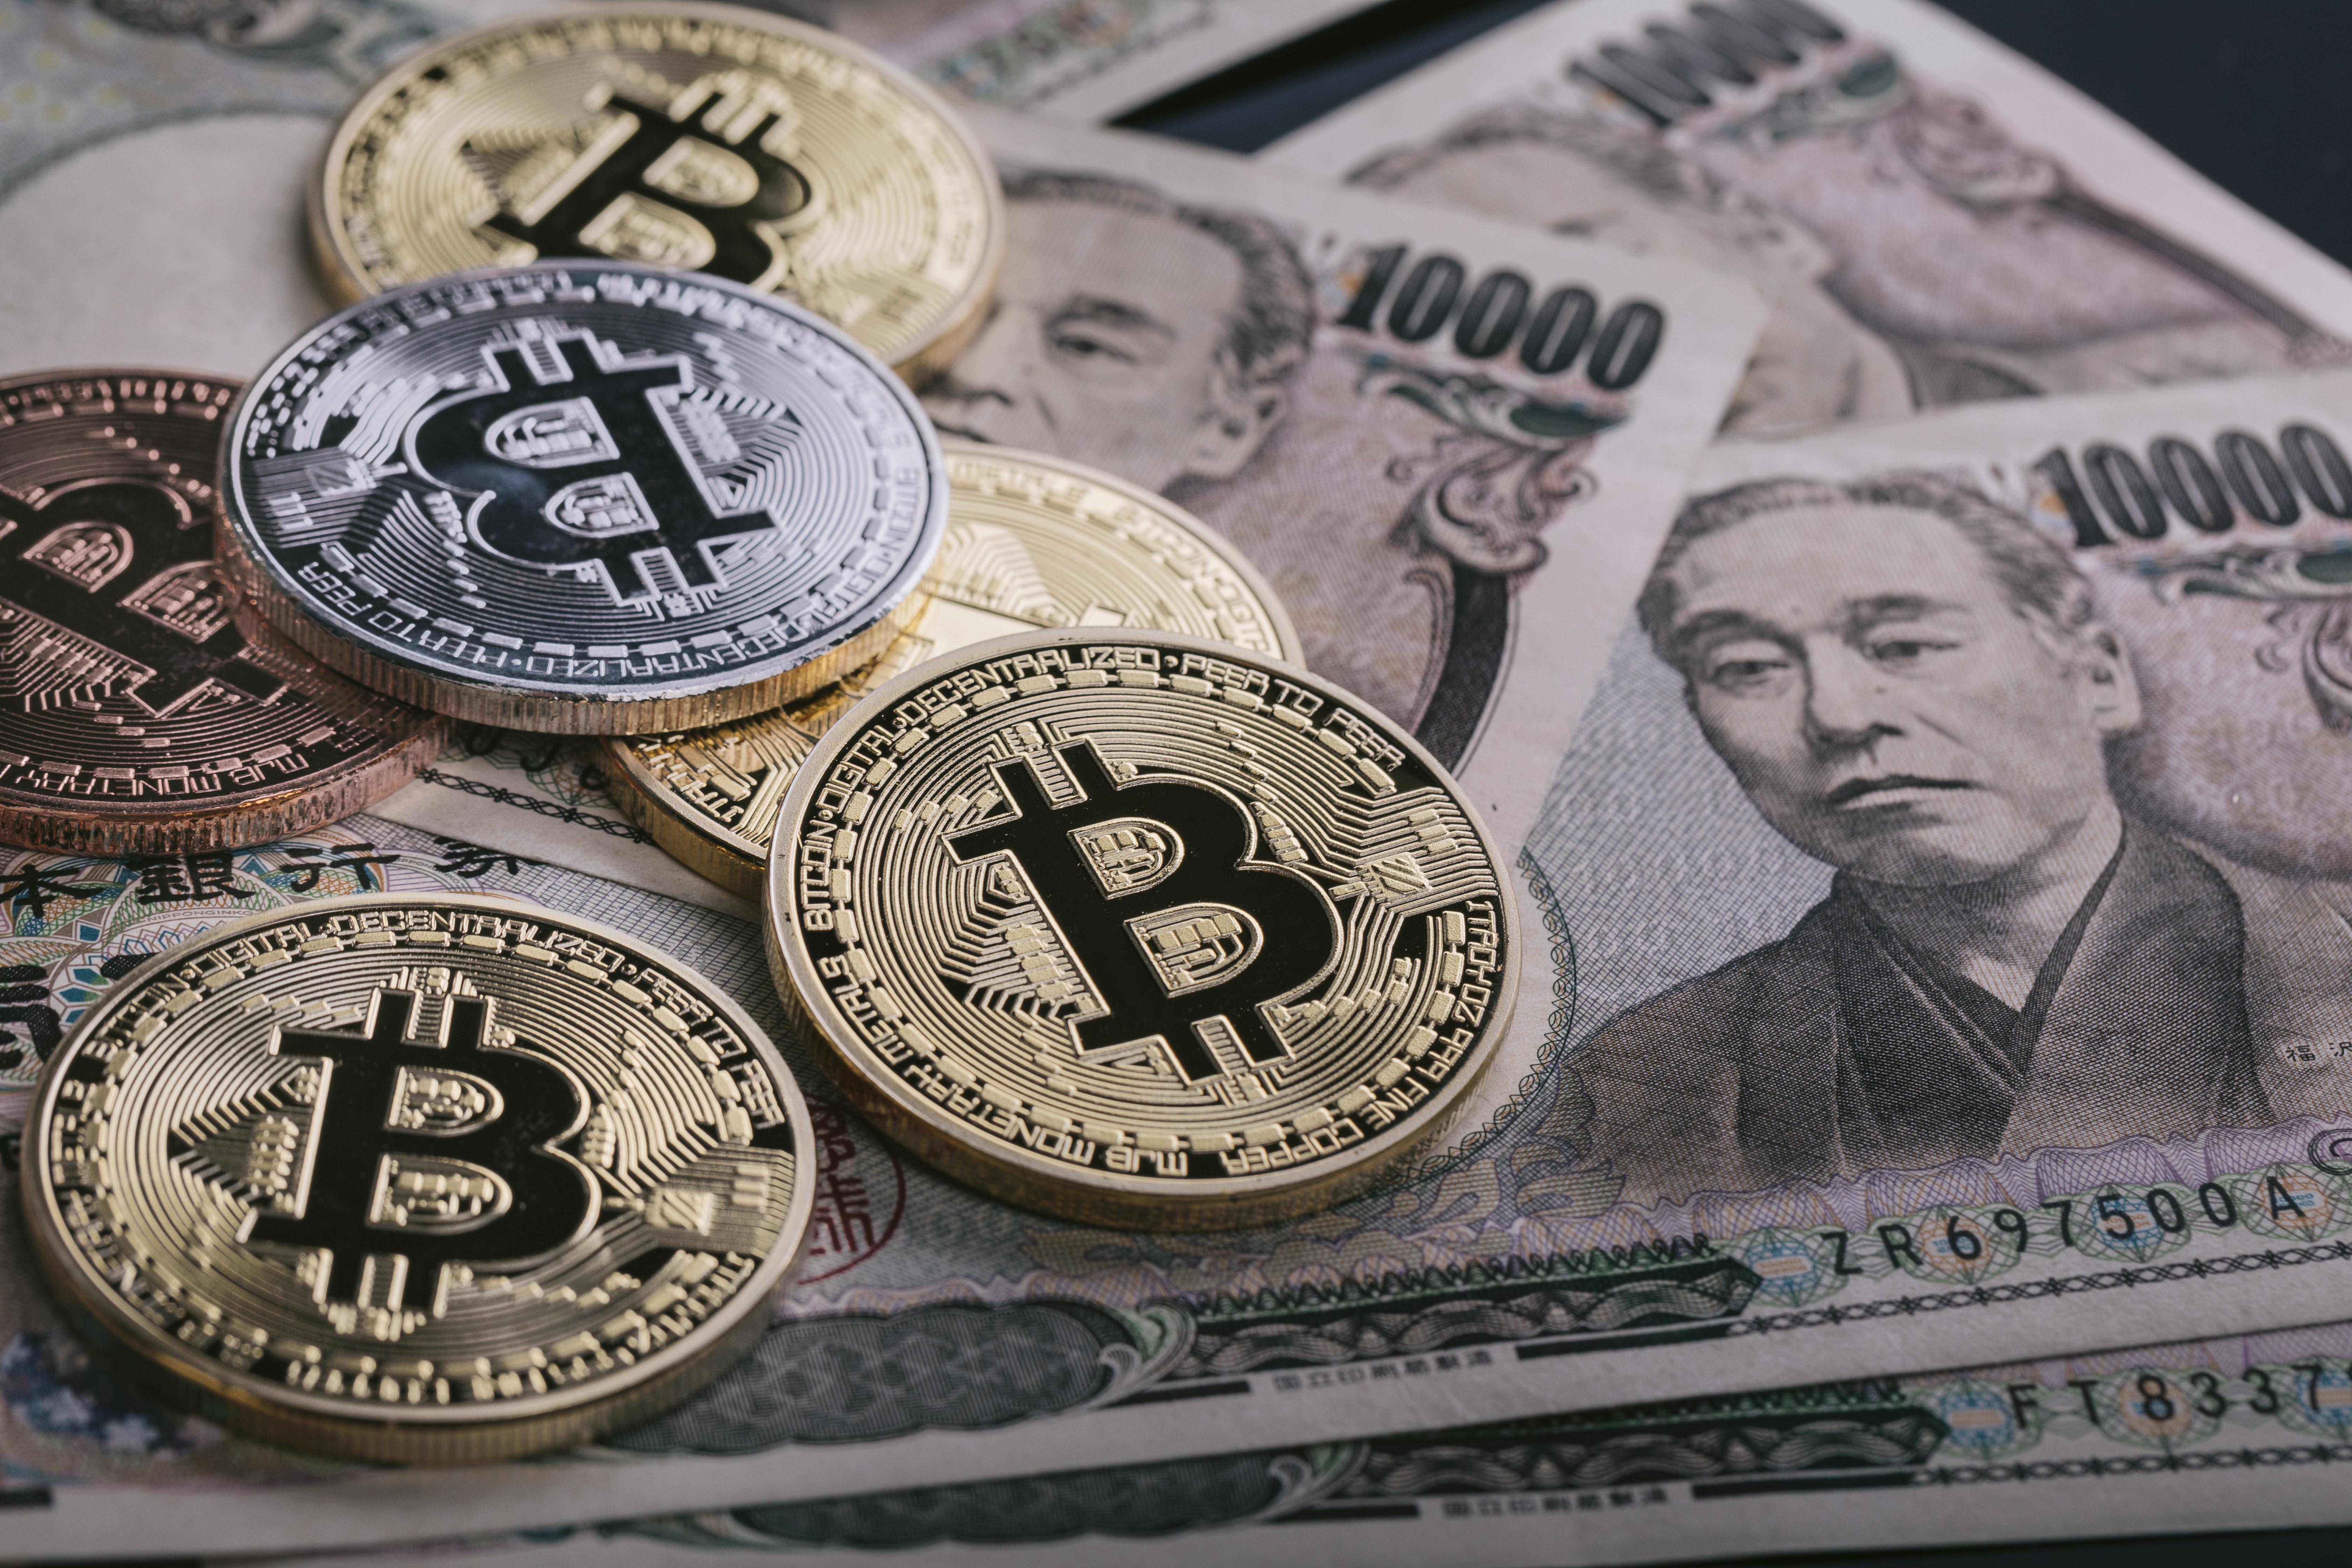 超初心者向け仮想通貨の買い方〜ザイフ(Zaif)でビットコイン(bitcoin)を簡単お得に買う手順